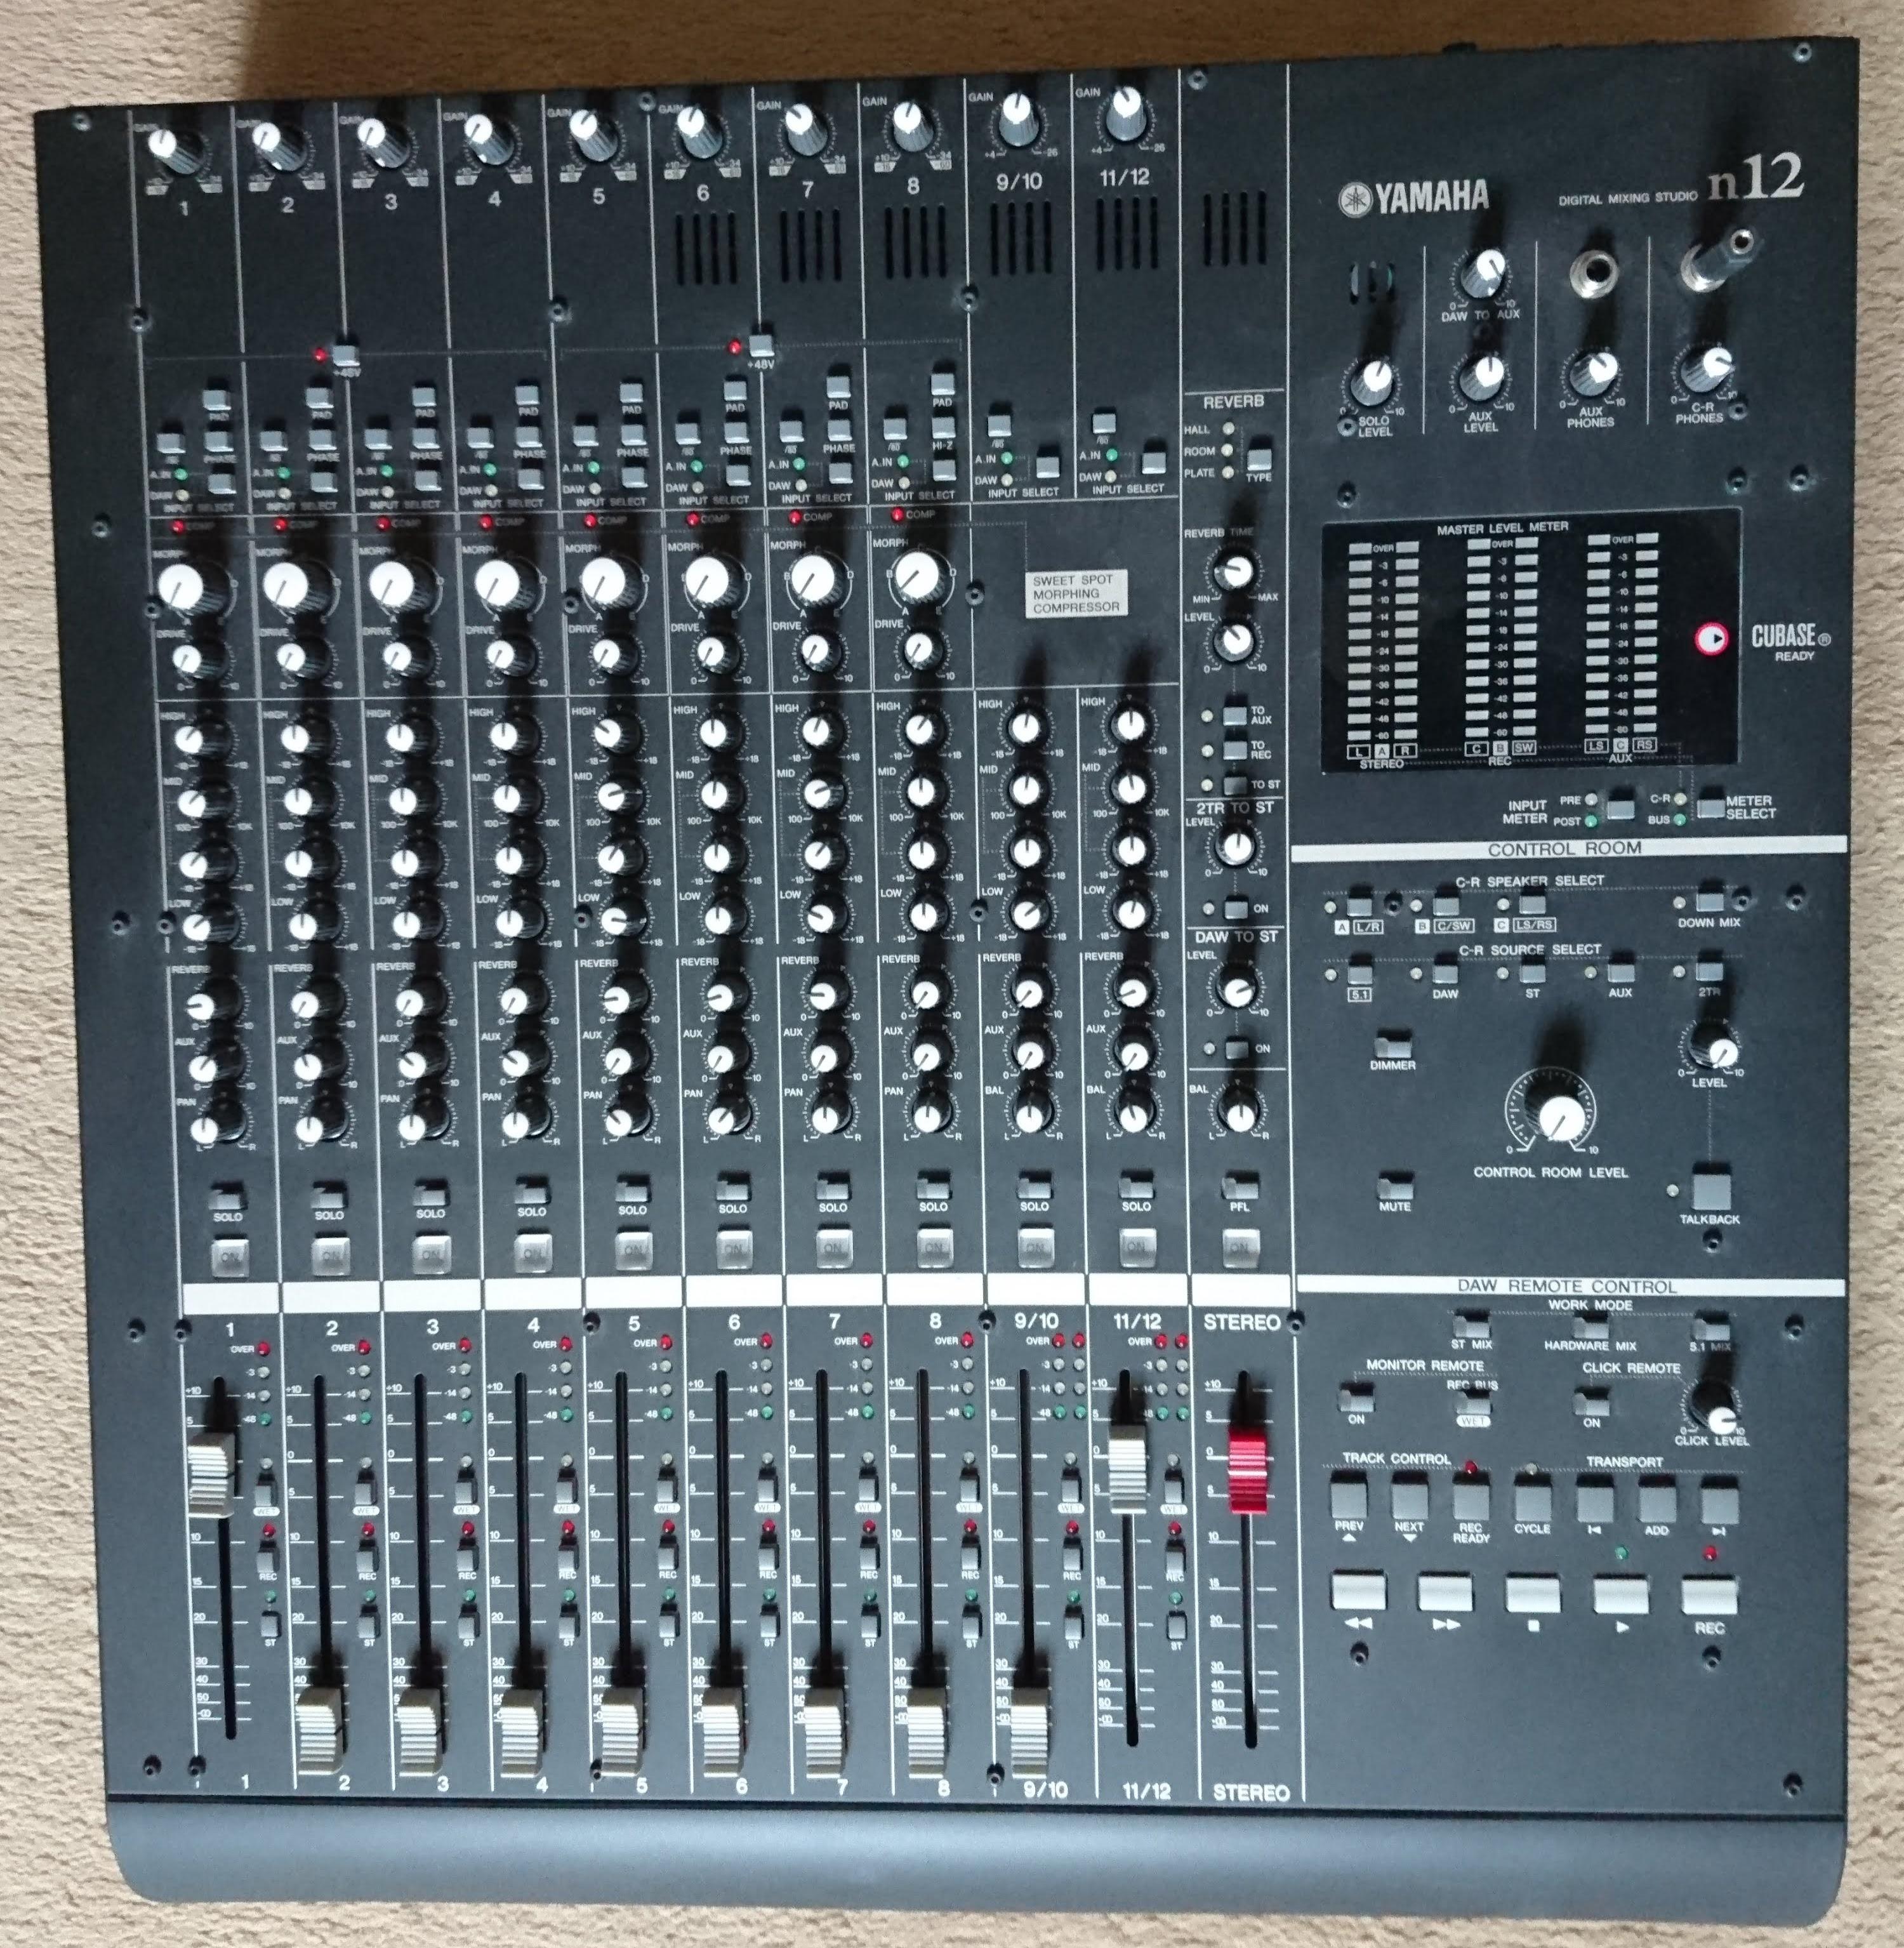 Table de mixage numerique studio yamaha n12 - Table de mixage numerique yamaha ...